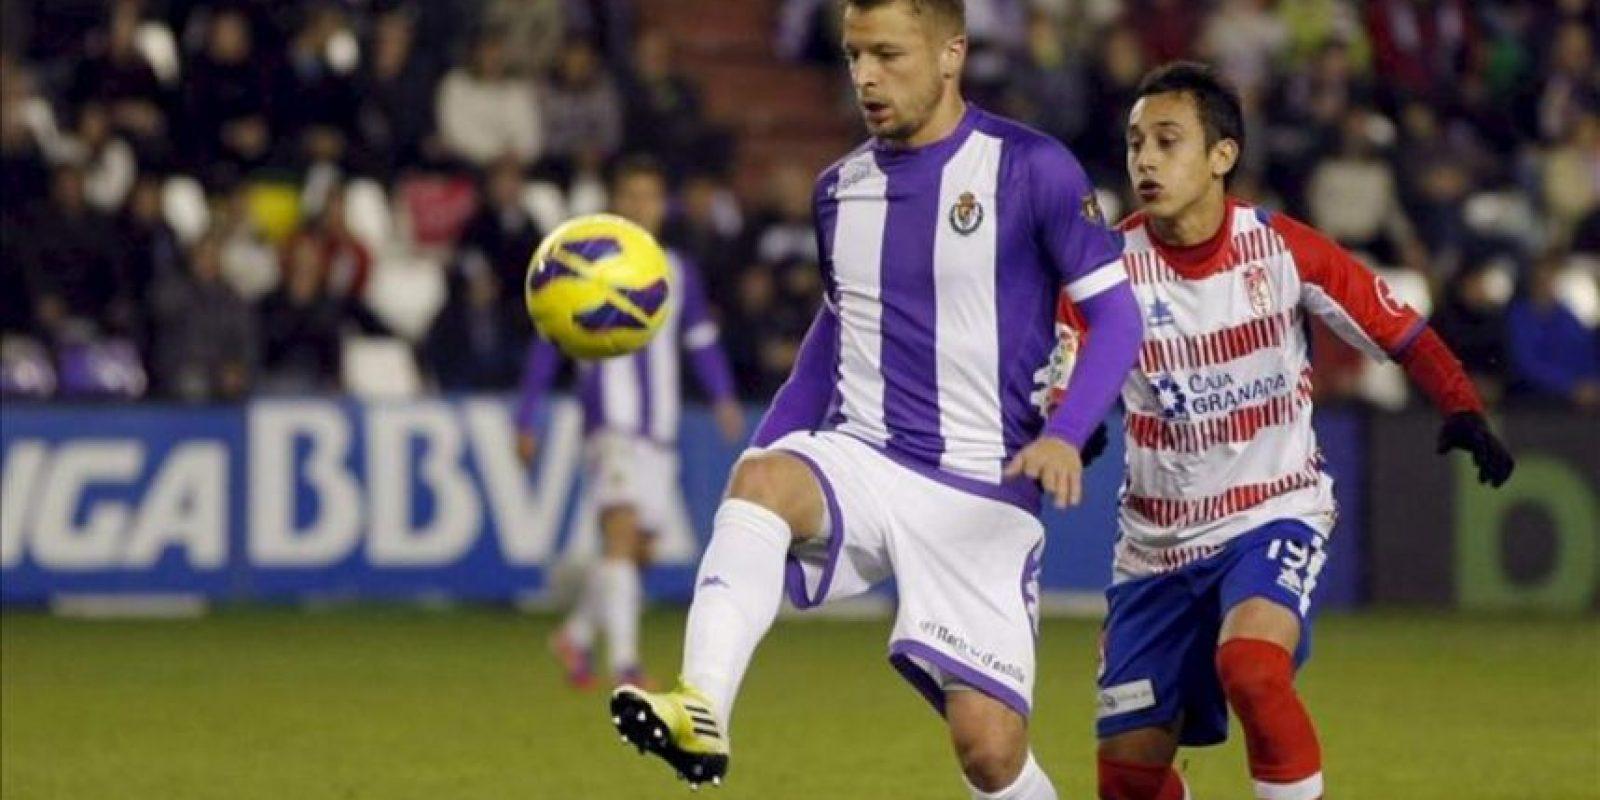 El centrocampista chileno del Granada, Fabián Orellana (d), presiona al centrocampista alemán del Valladolid, Patrick Ebert (i), en el partido correspondiente a la decimotercera jornada de la Liga de Primera División en el estadio Nuevo José Zorrilla. EFE